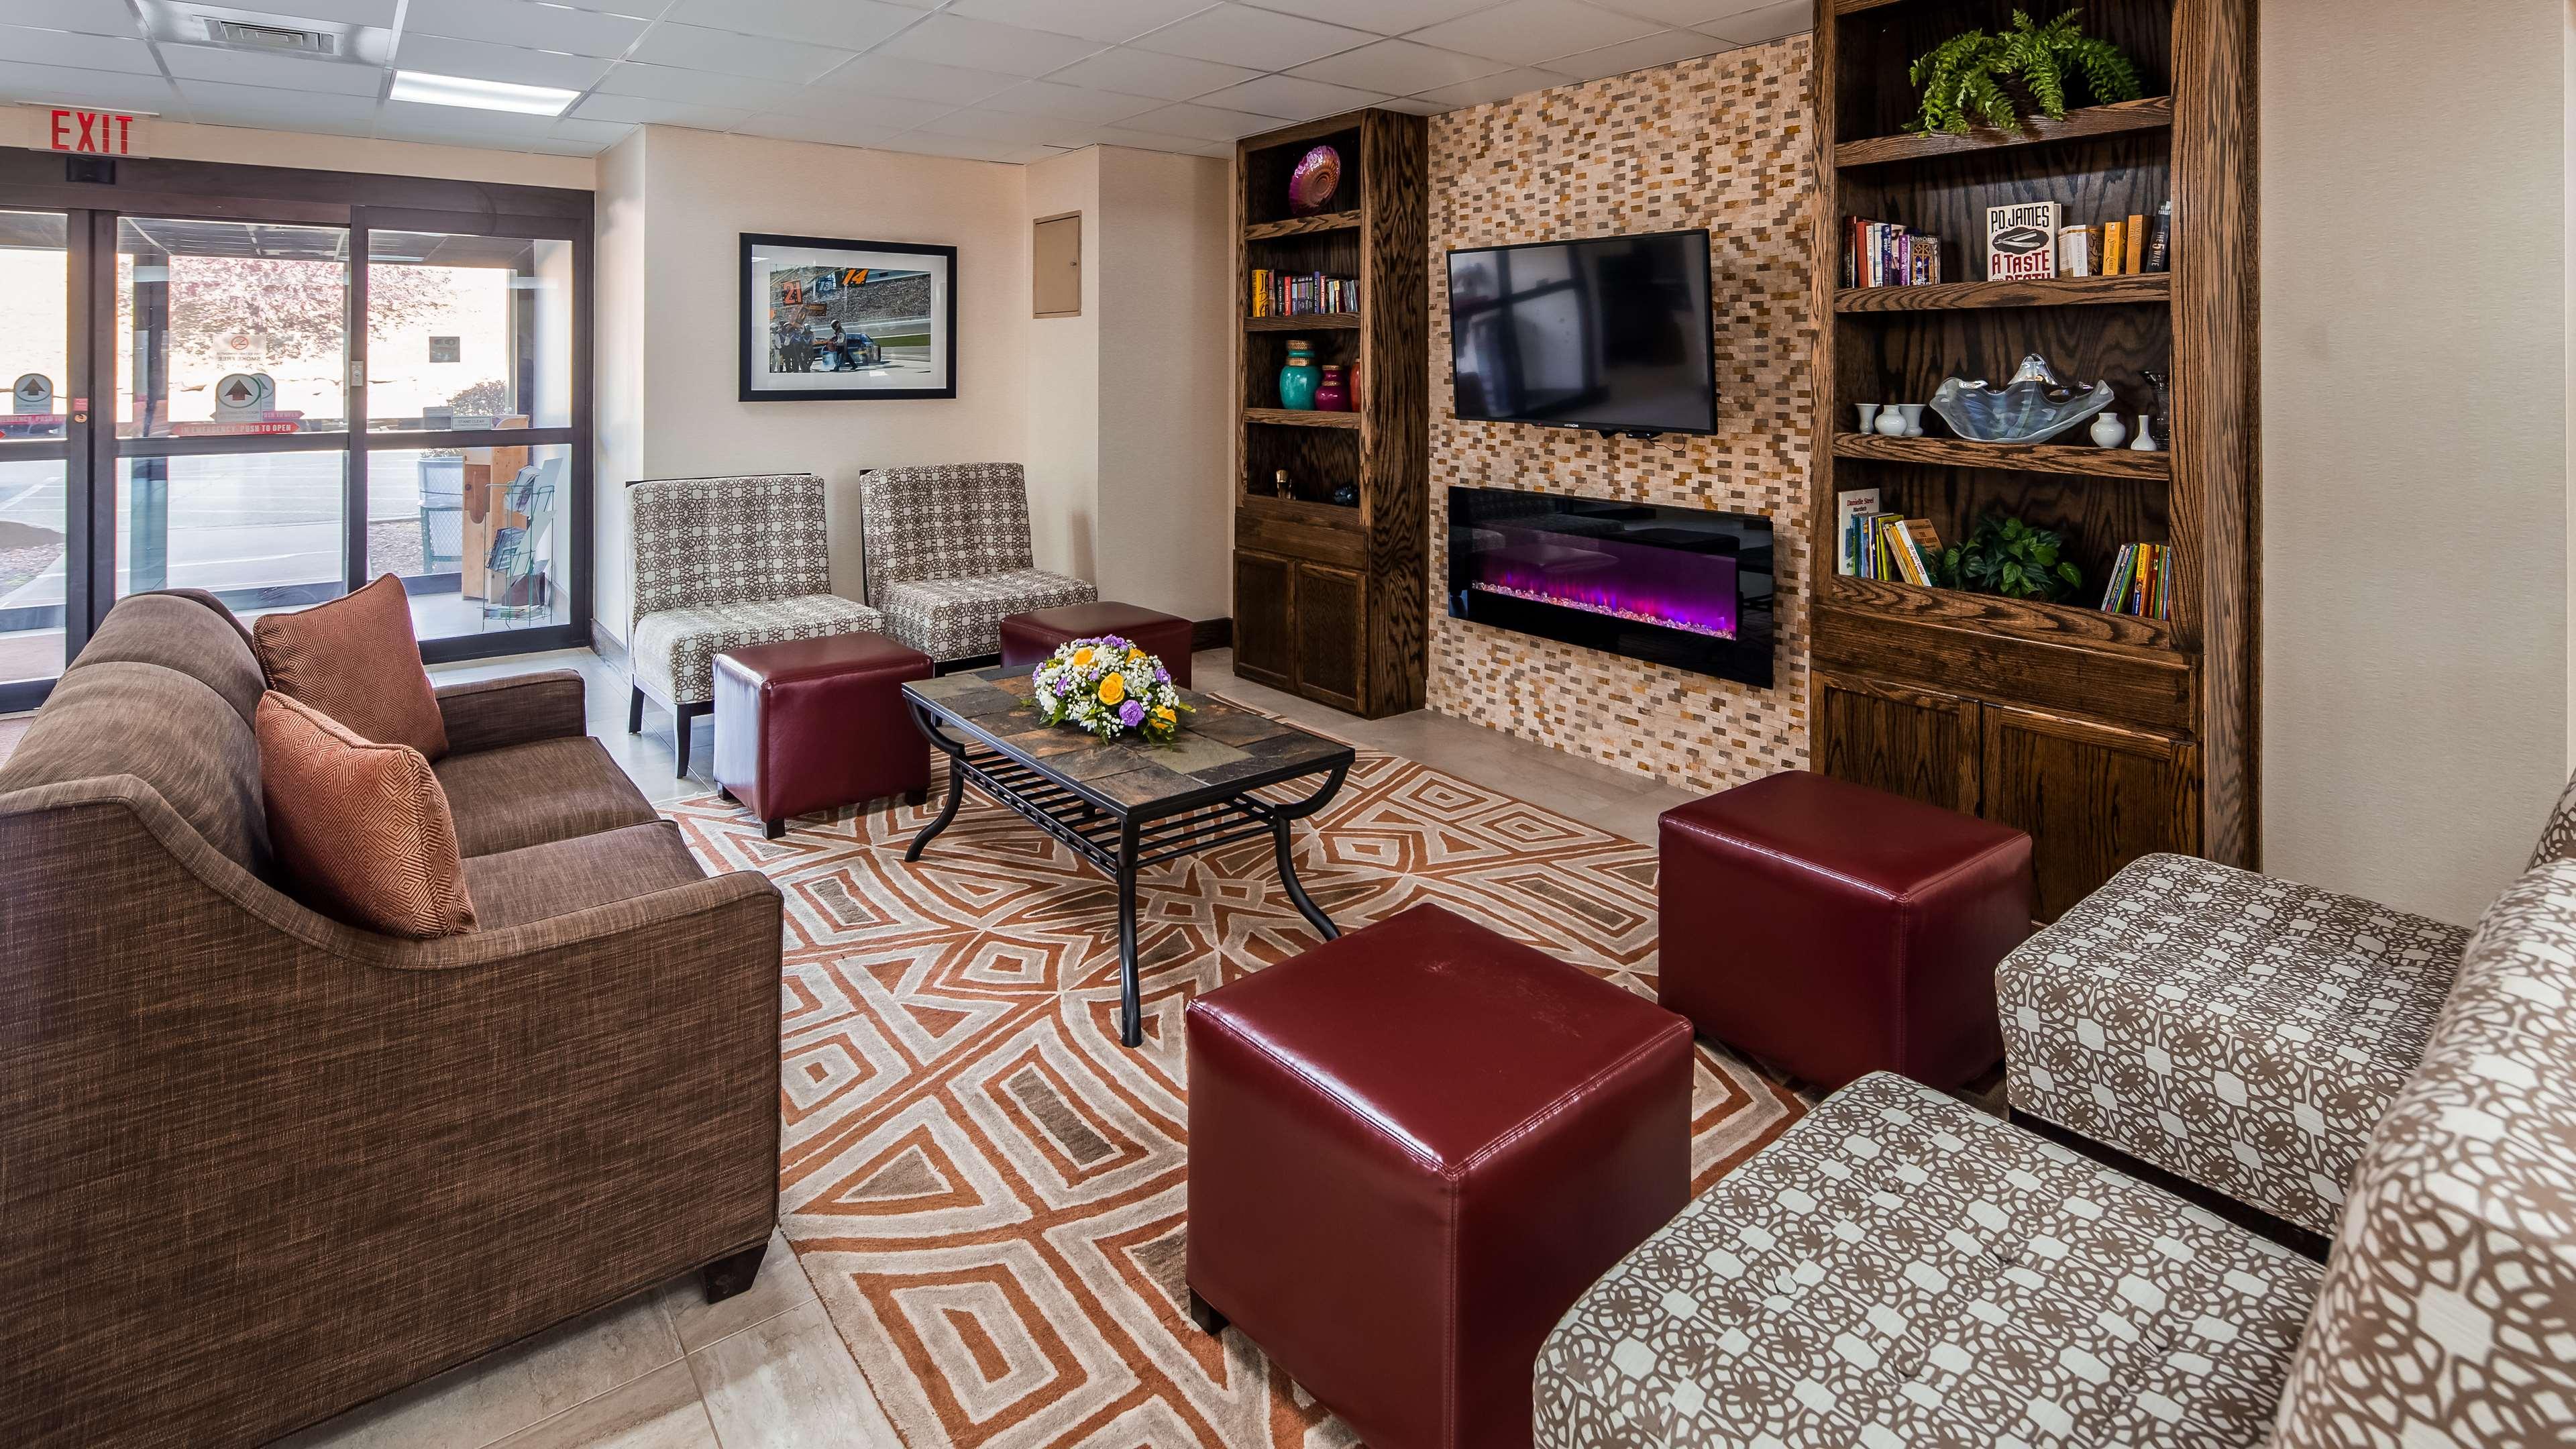 Best Western Inn at Blakeslee-Pocono image 3